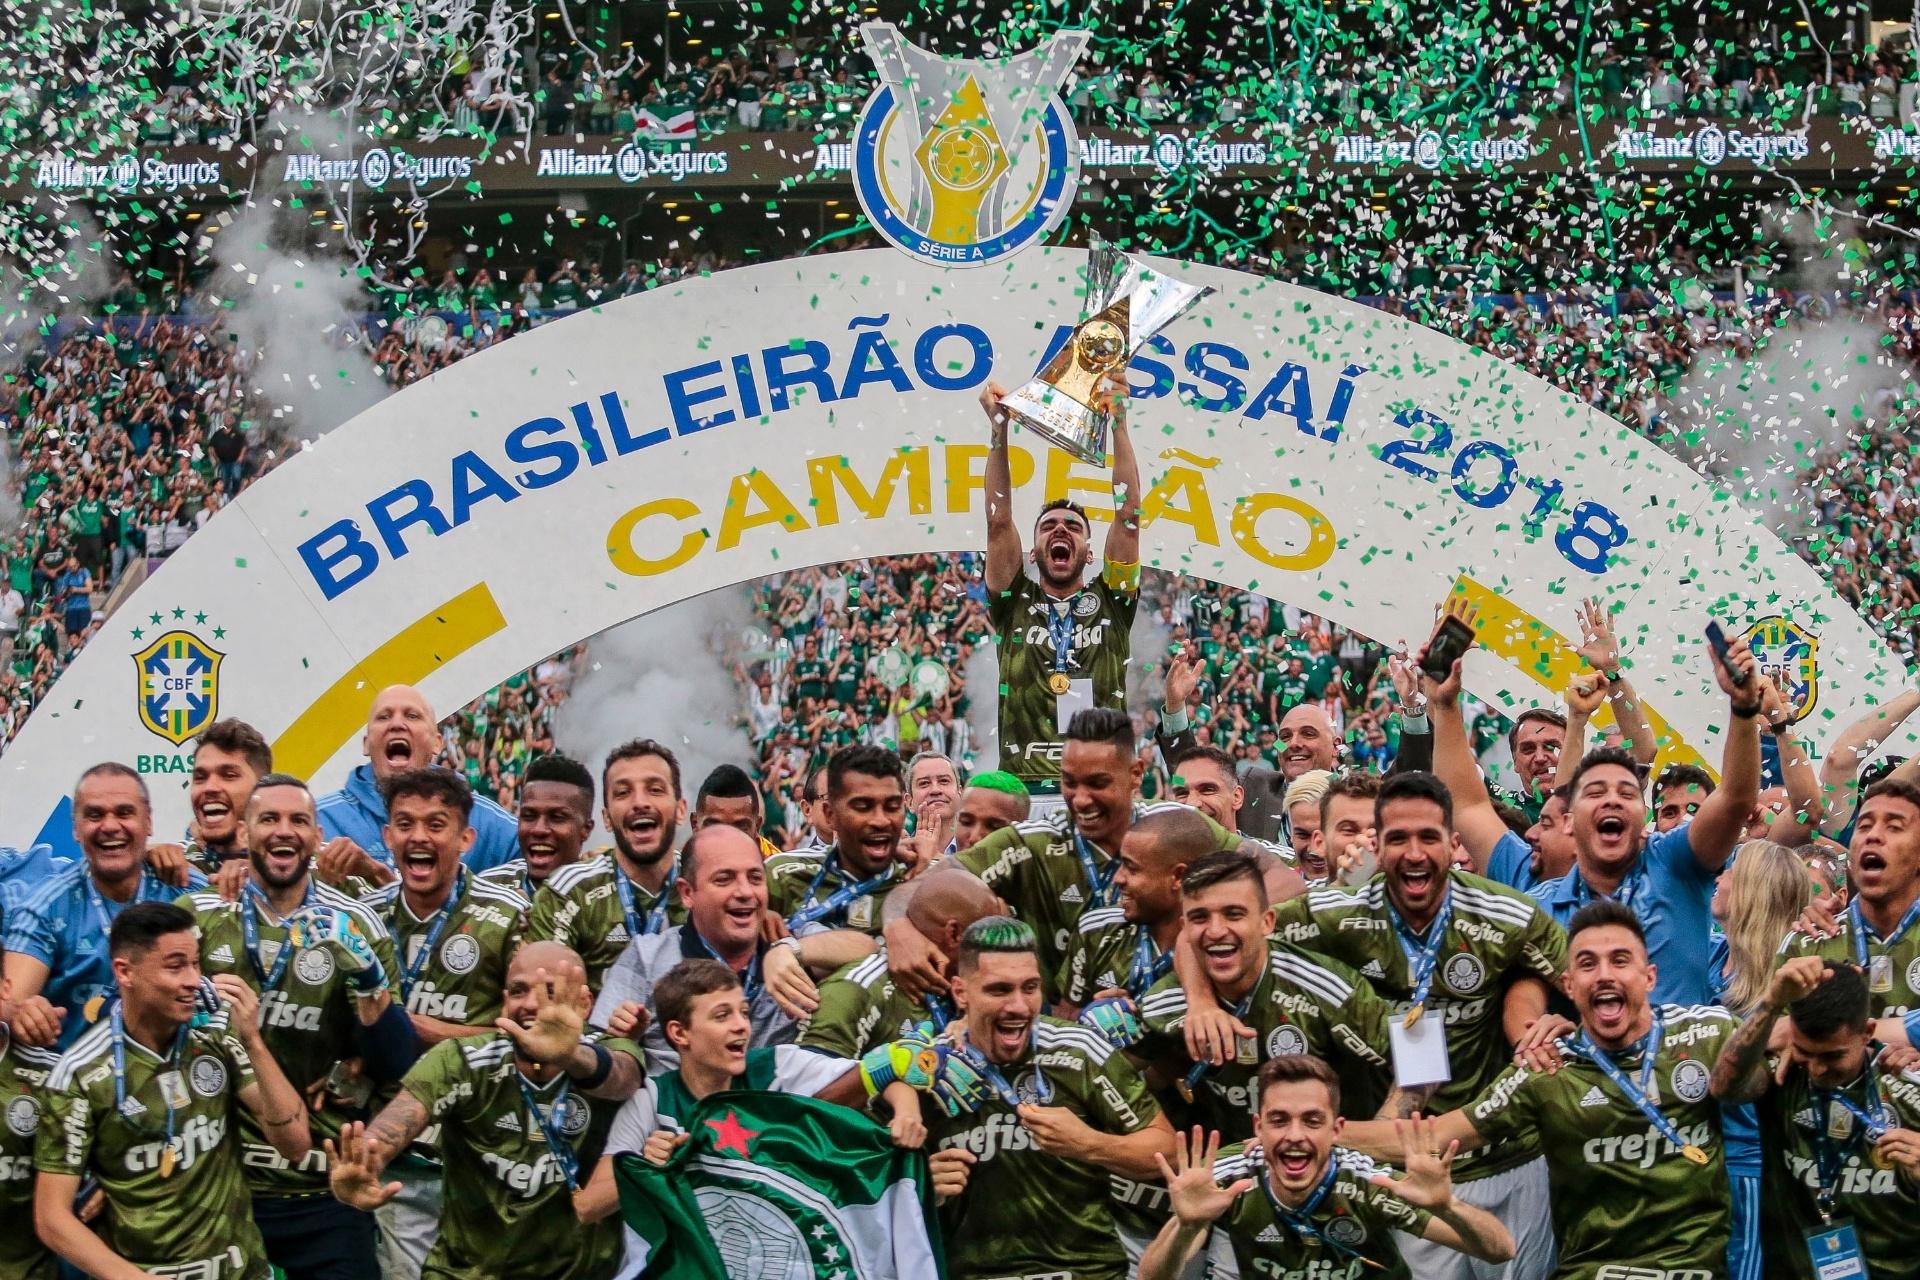 3ac4a10fef Palmeiras se isola na liderança do ranking da CBF após título brasileiro -  05 12 2018 - UOL Esporte